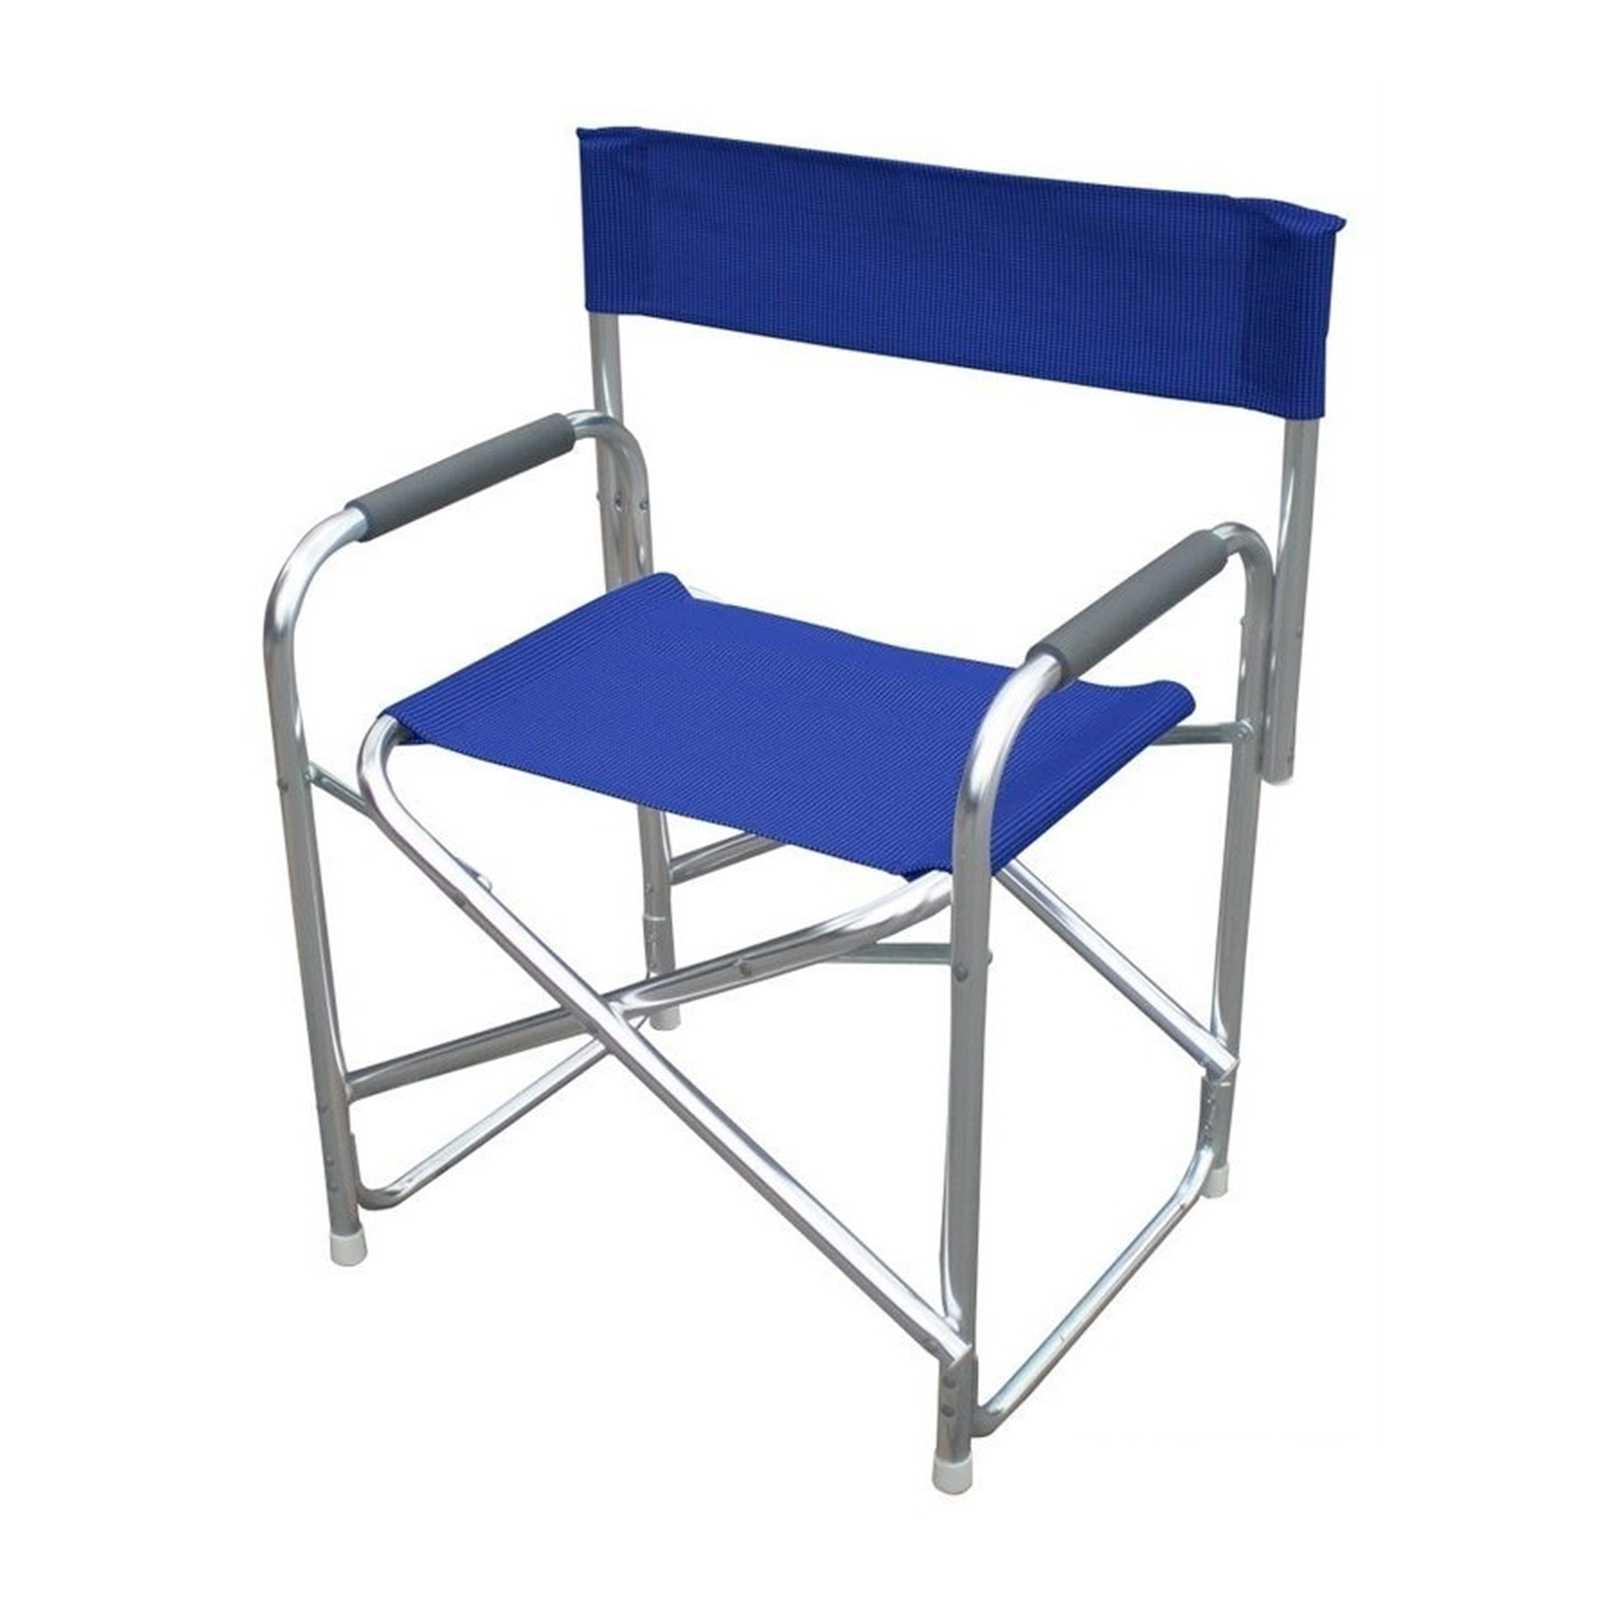 Poltrona Magnum serie Playa struttura in tubolare di alluminio satinato e textilene blu